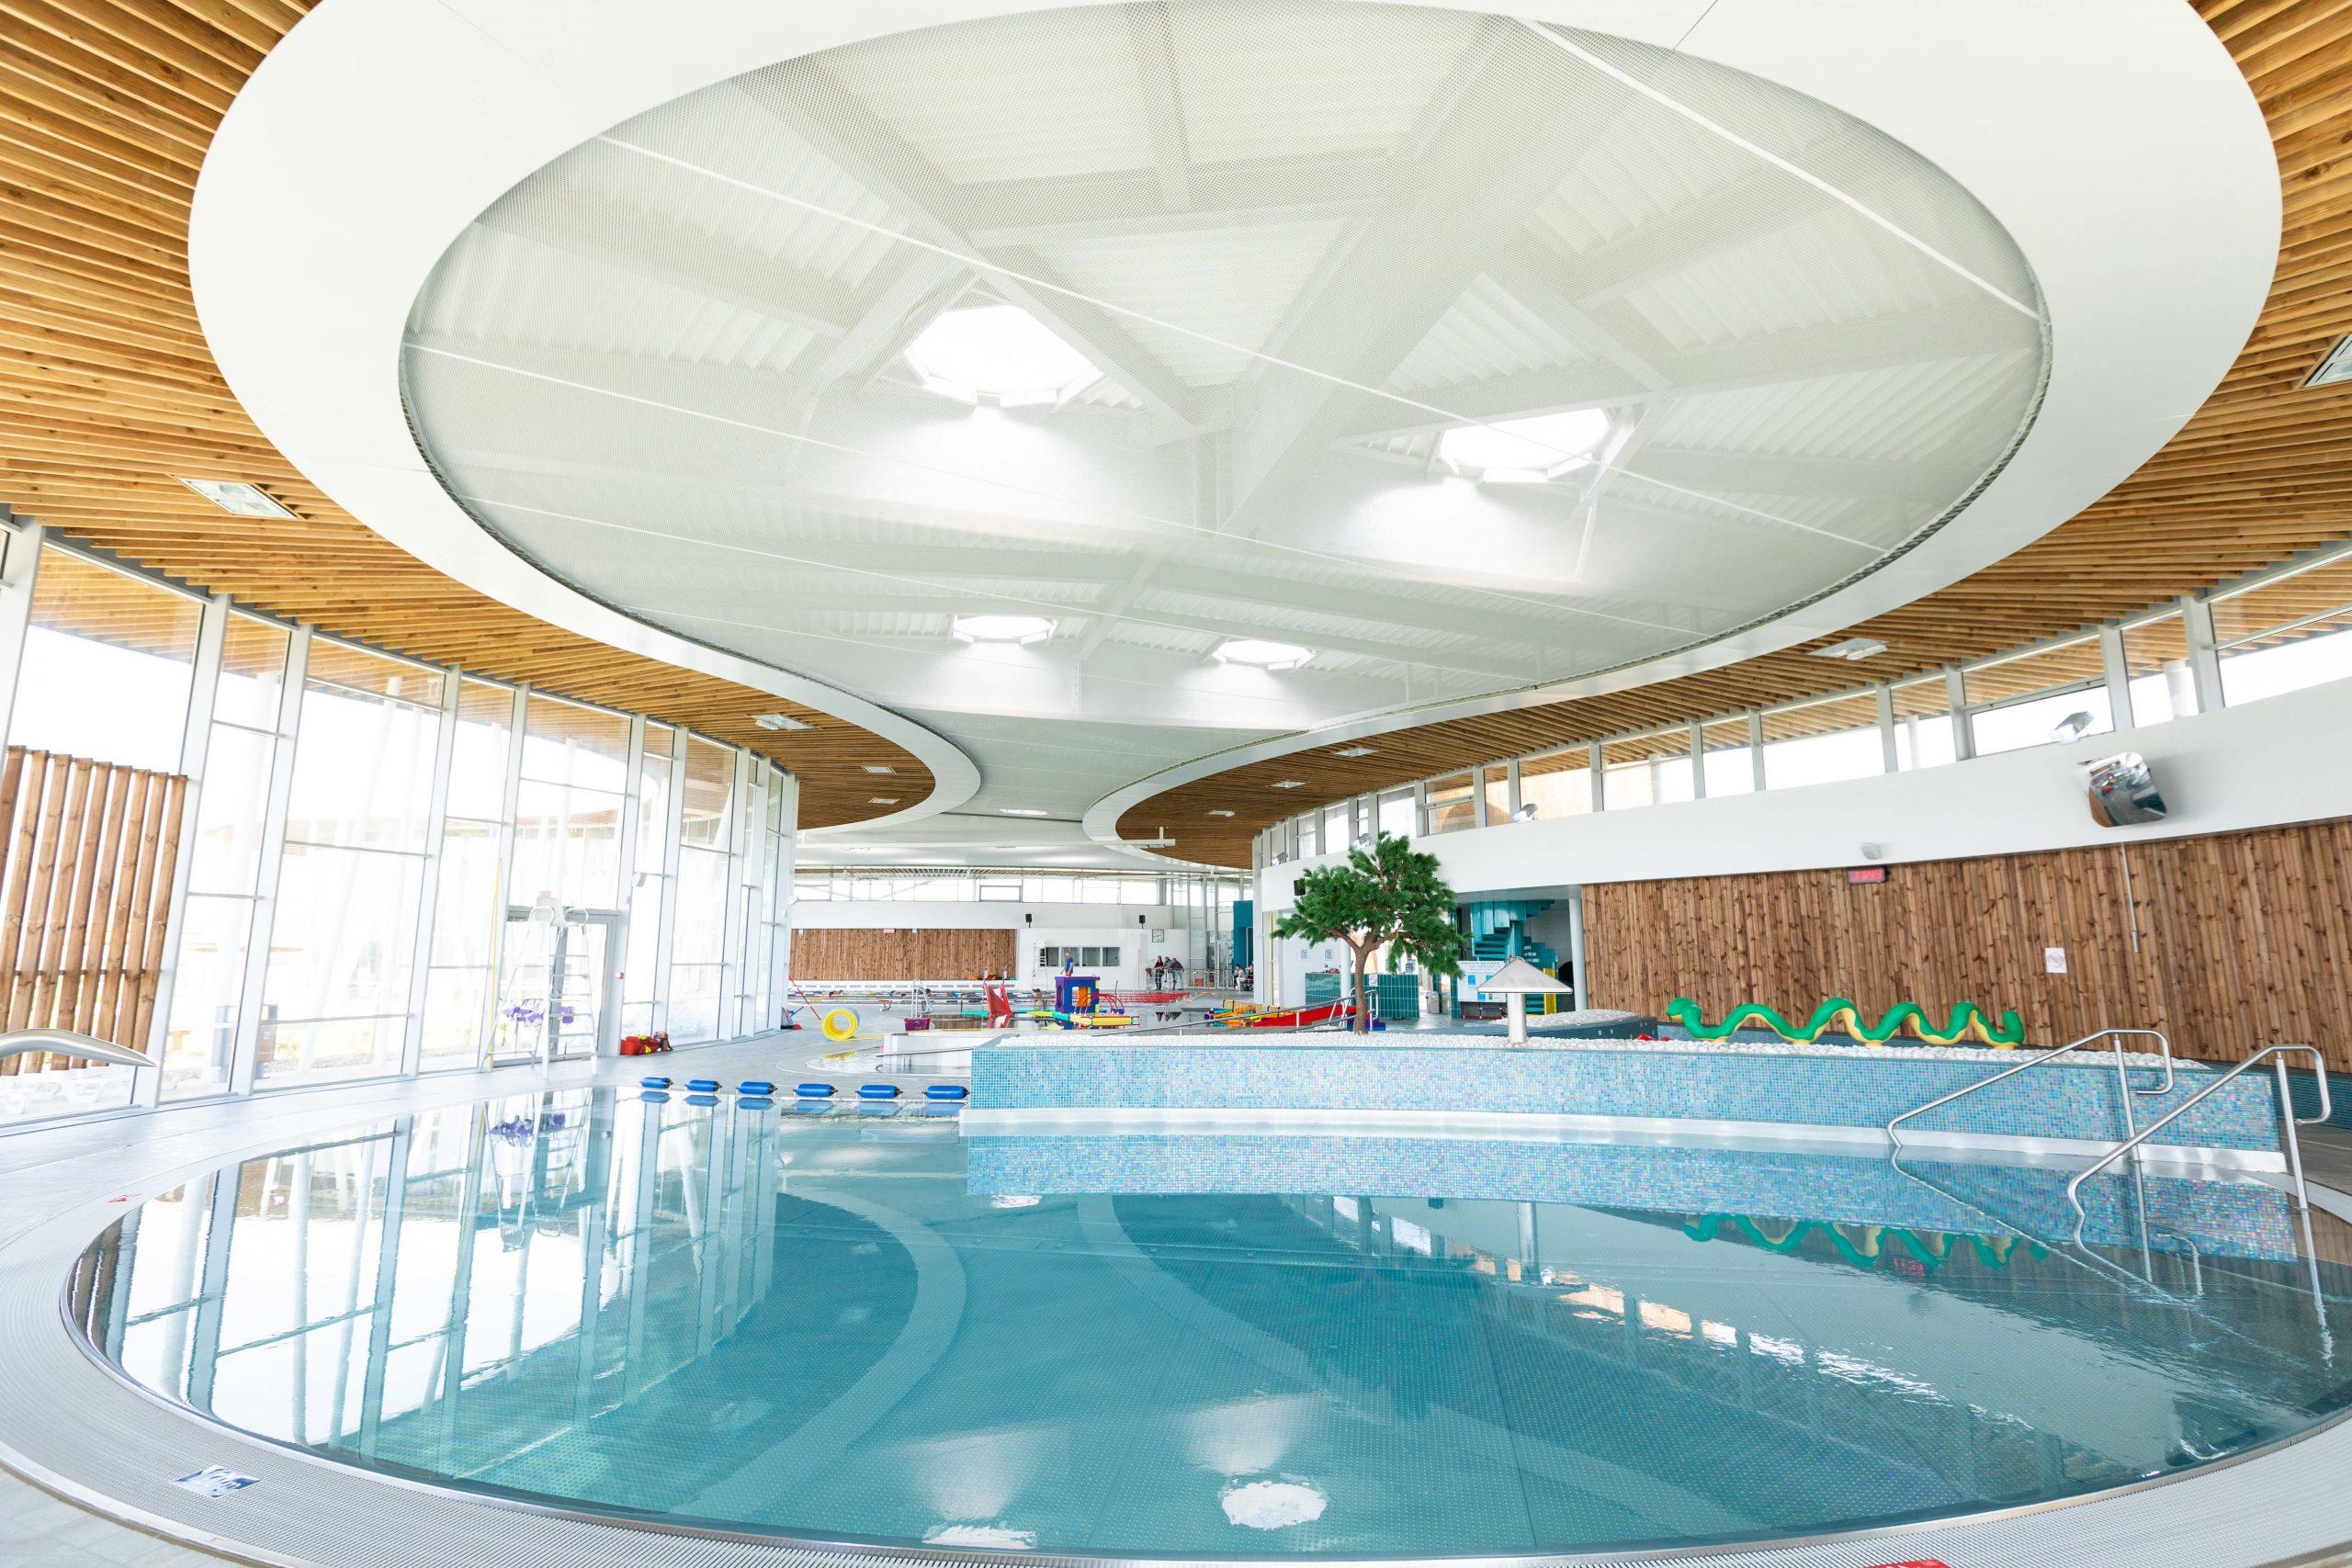 Centre Aquatique Près De Nantes - Aqua Bulles Saint Fulgent dedans Piscine Saint Fulgent